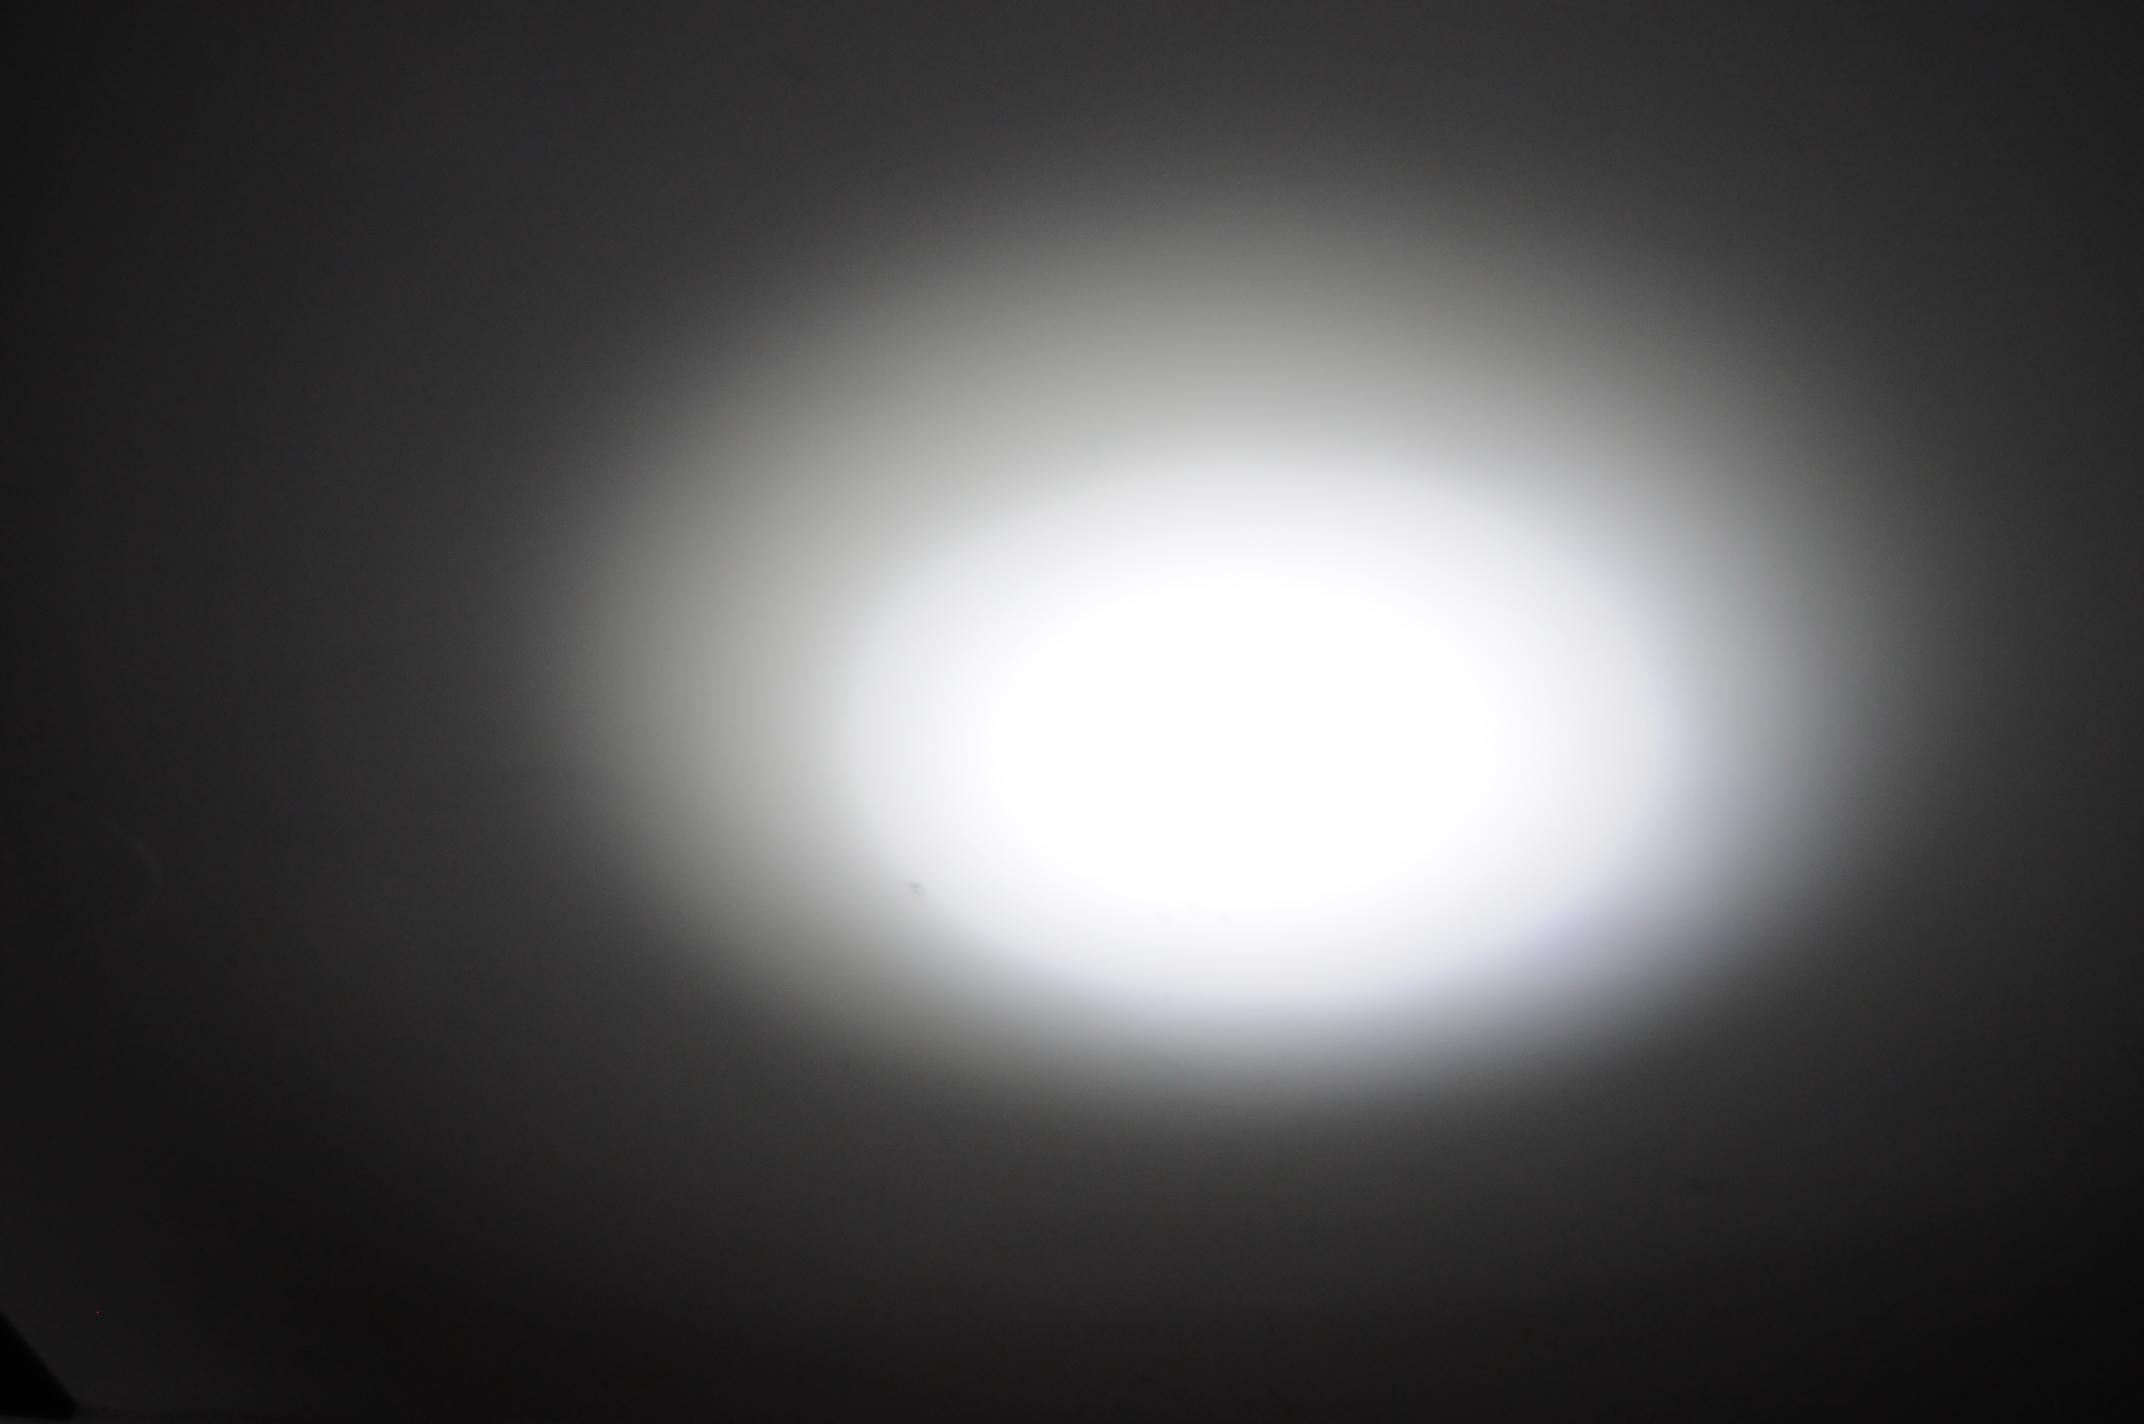 image-1067